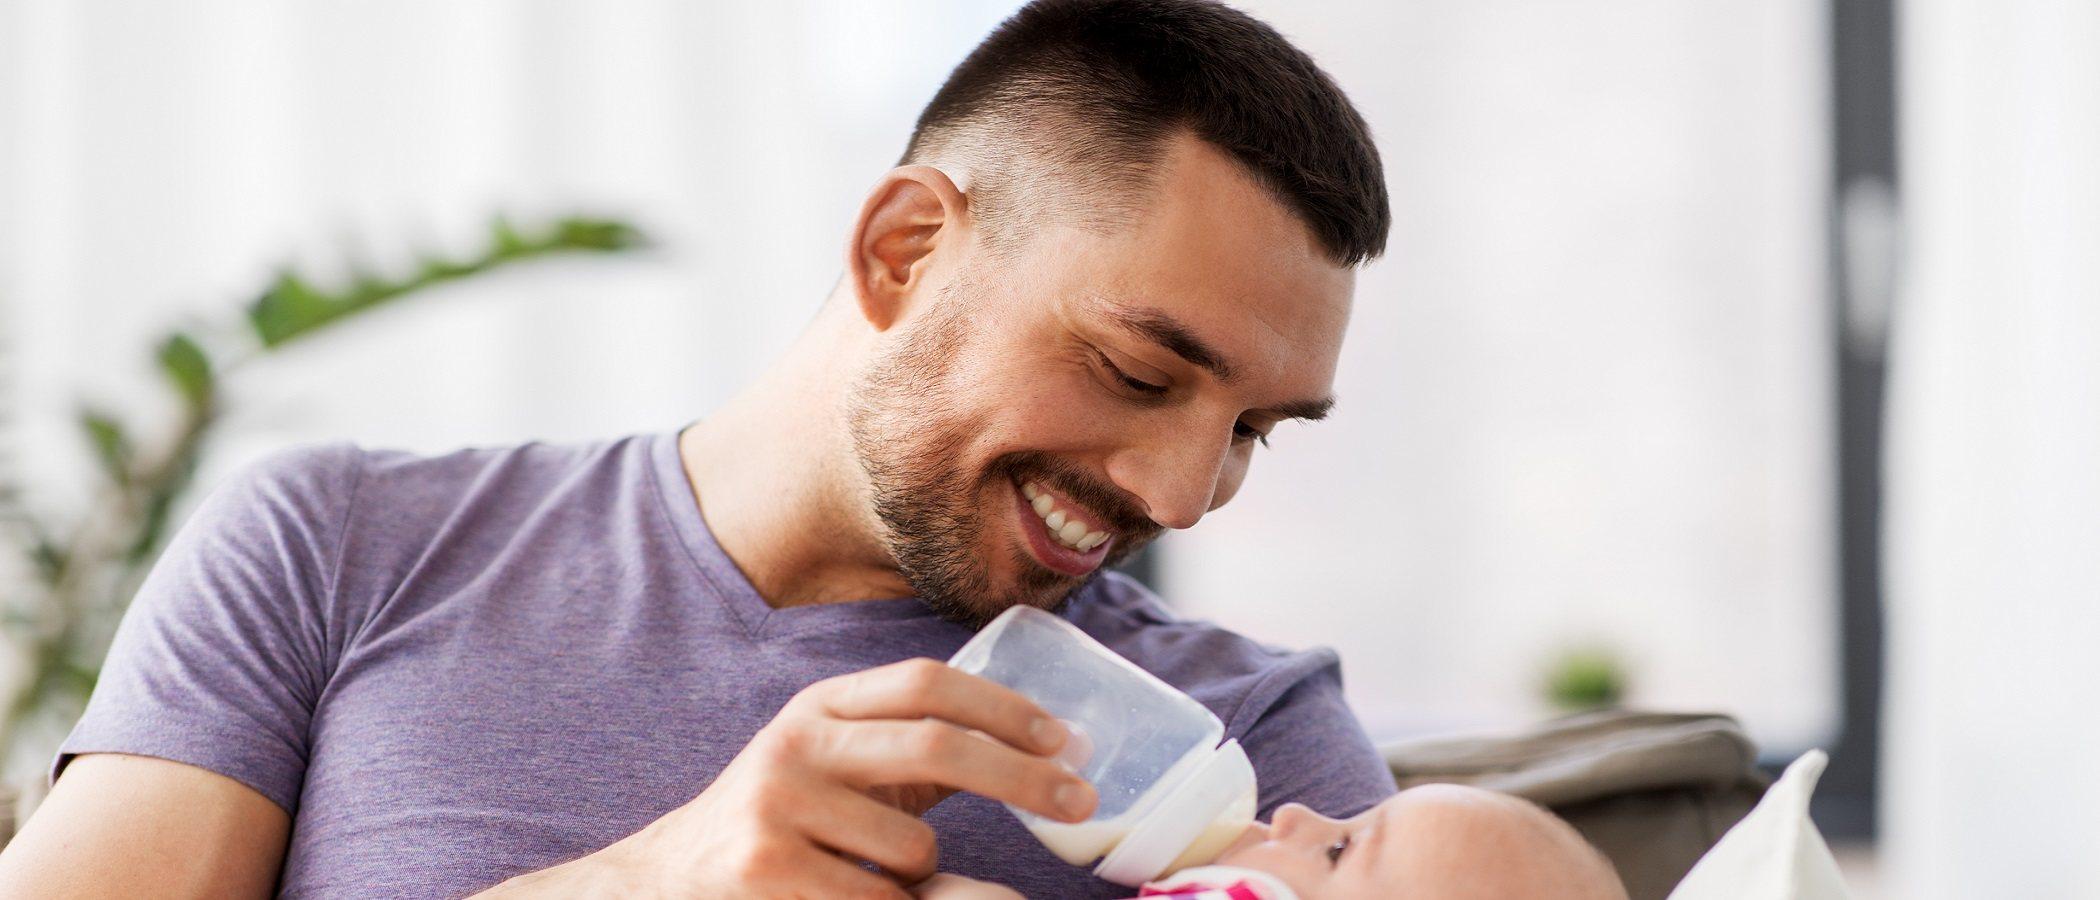 ¿Tu hijo tiene caries de biberón? ¡Descubre los síntomas y las causas!